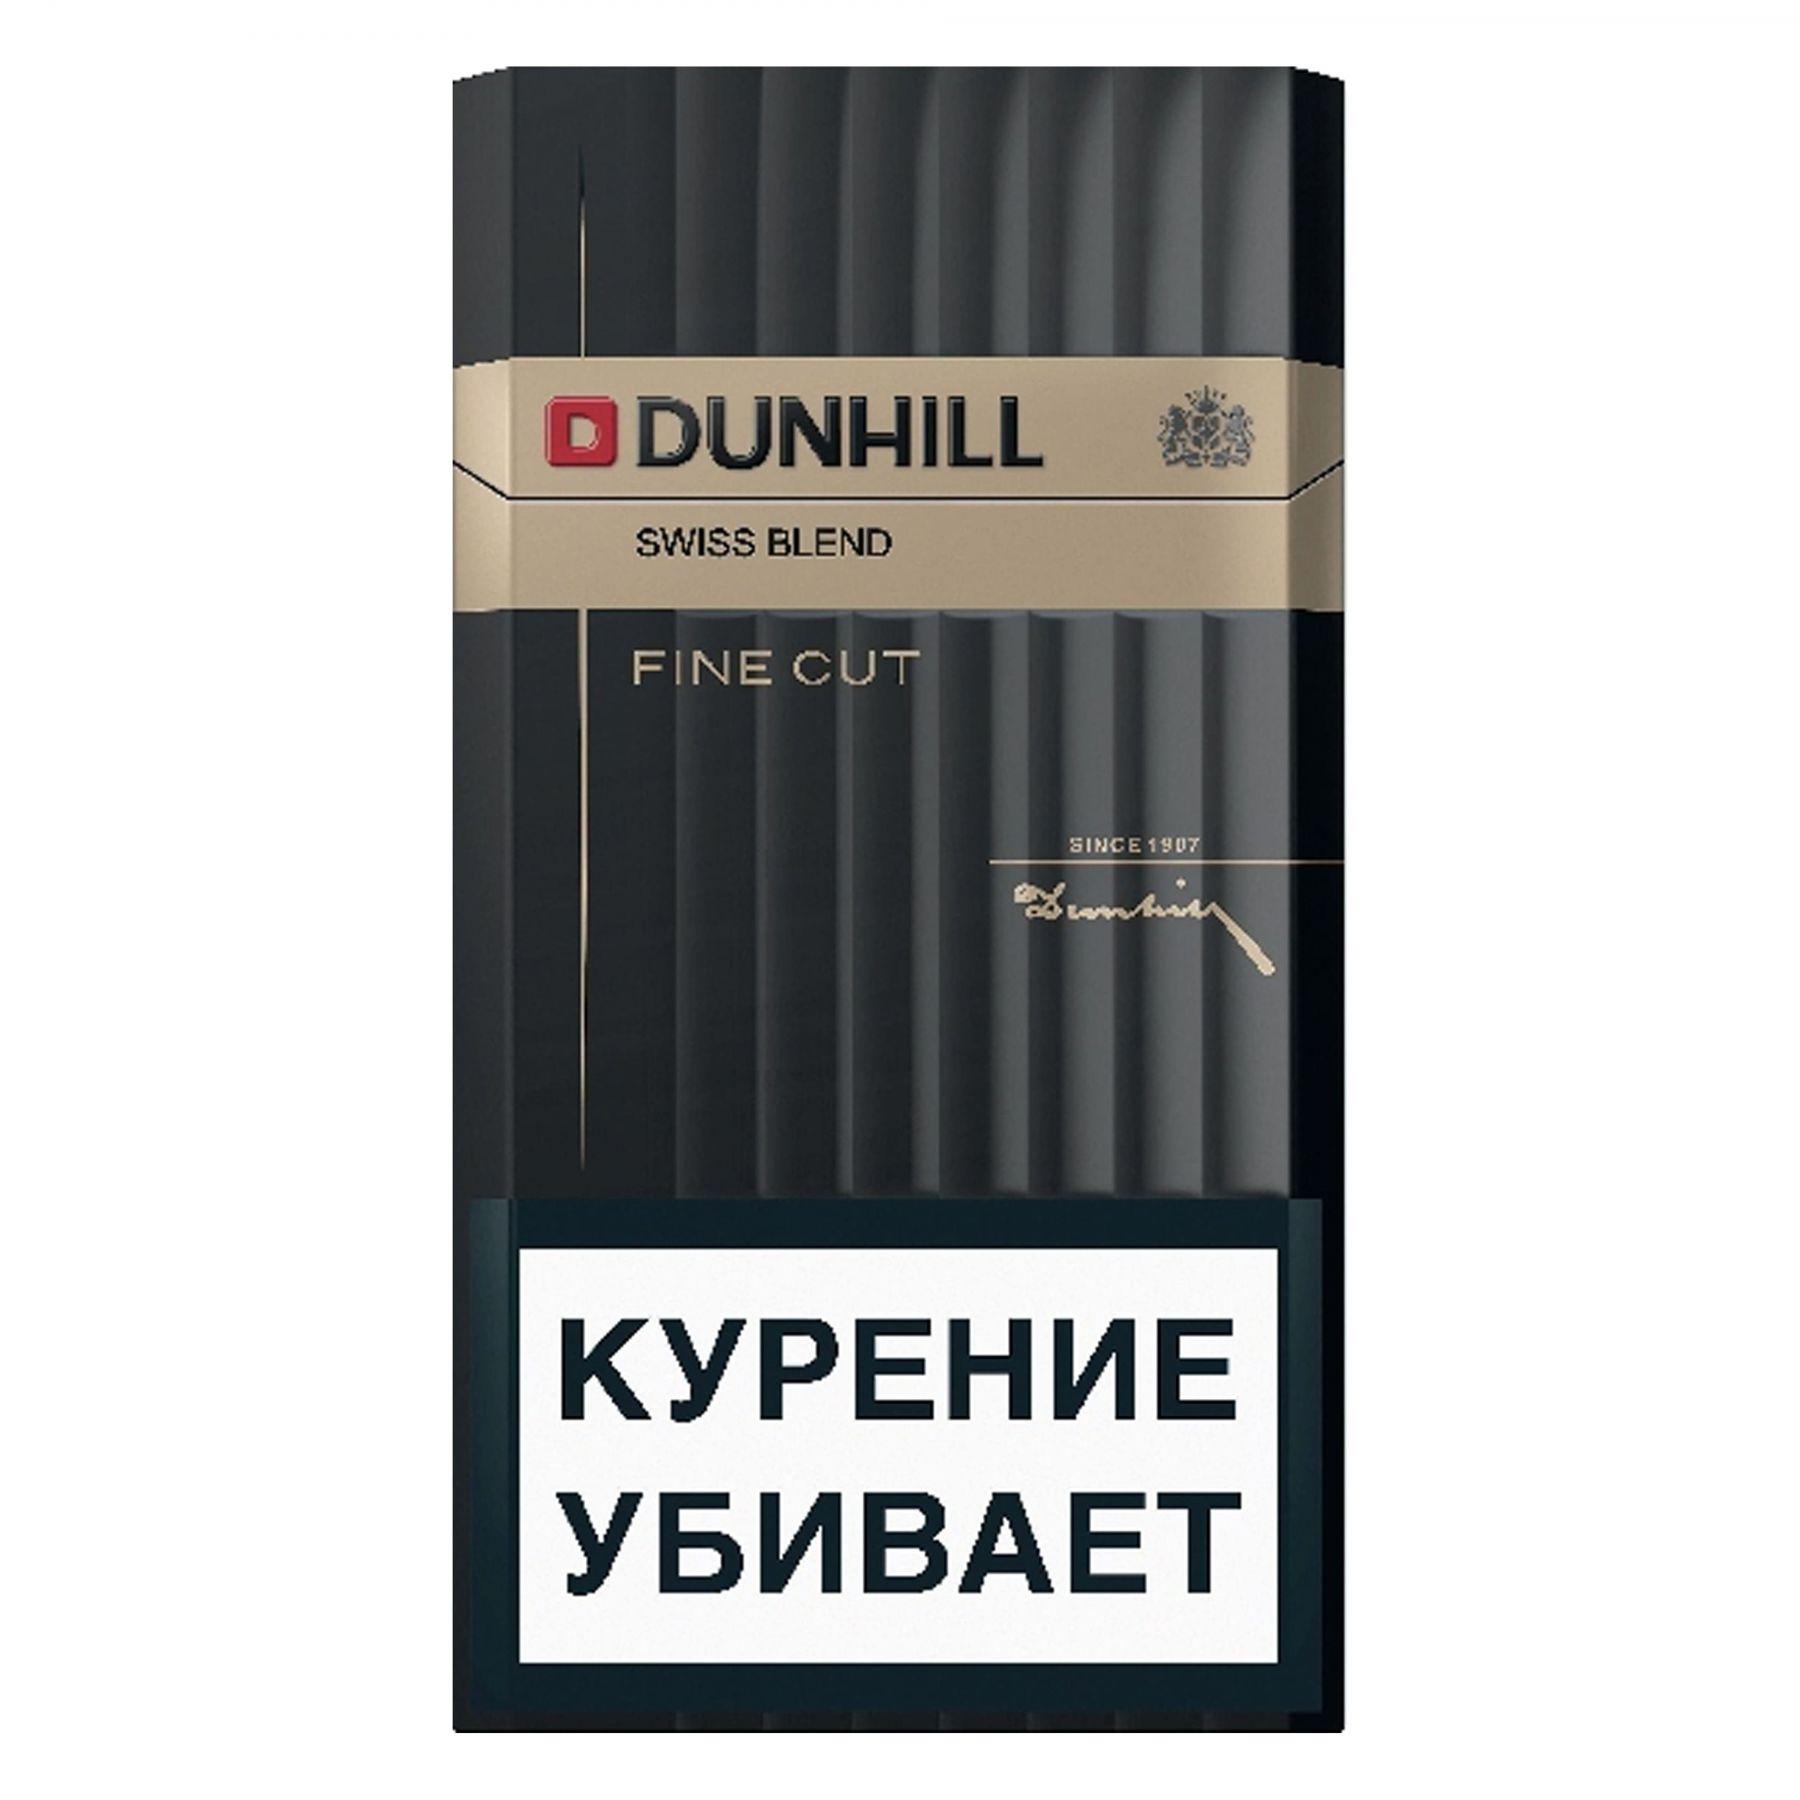 Данхилл черный сигареты купить табак для кальяна купить оптом ростов на дону